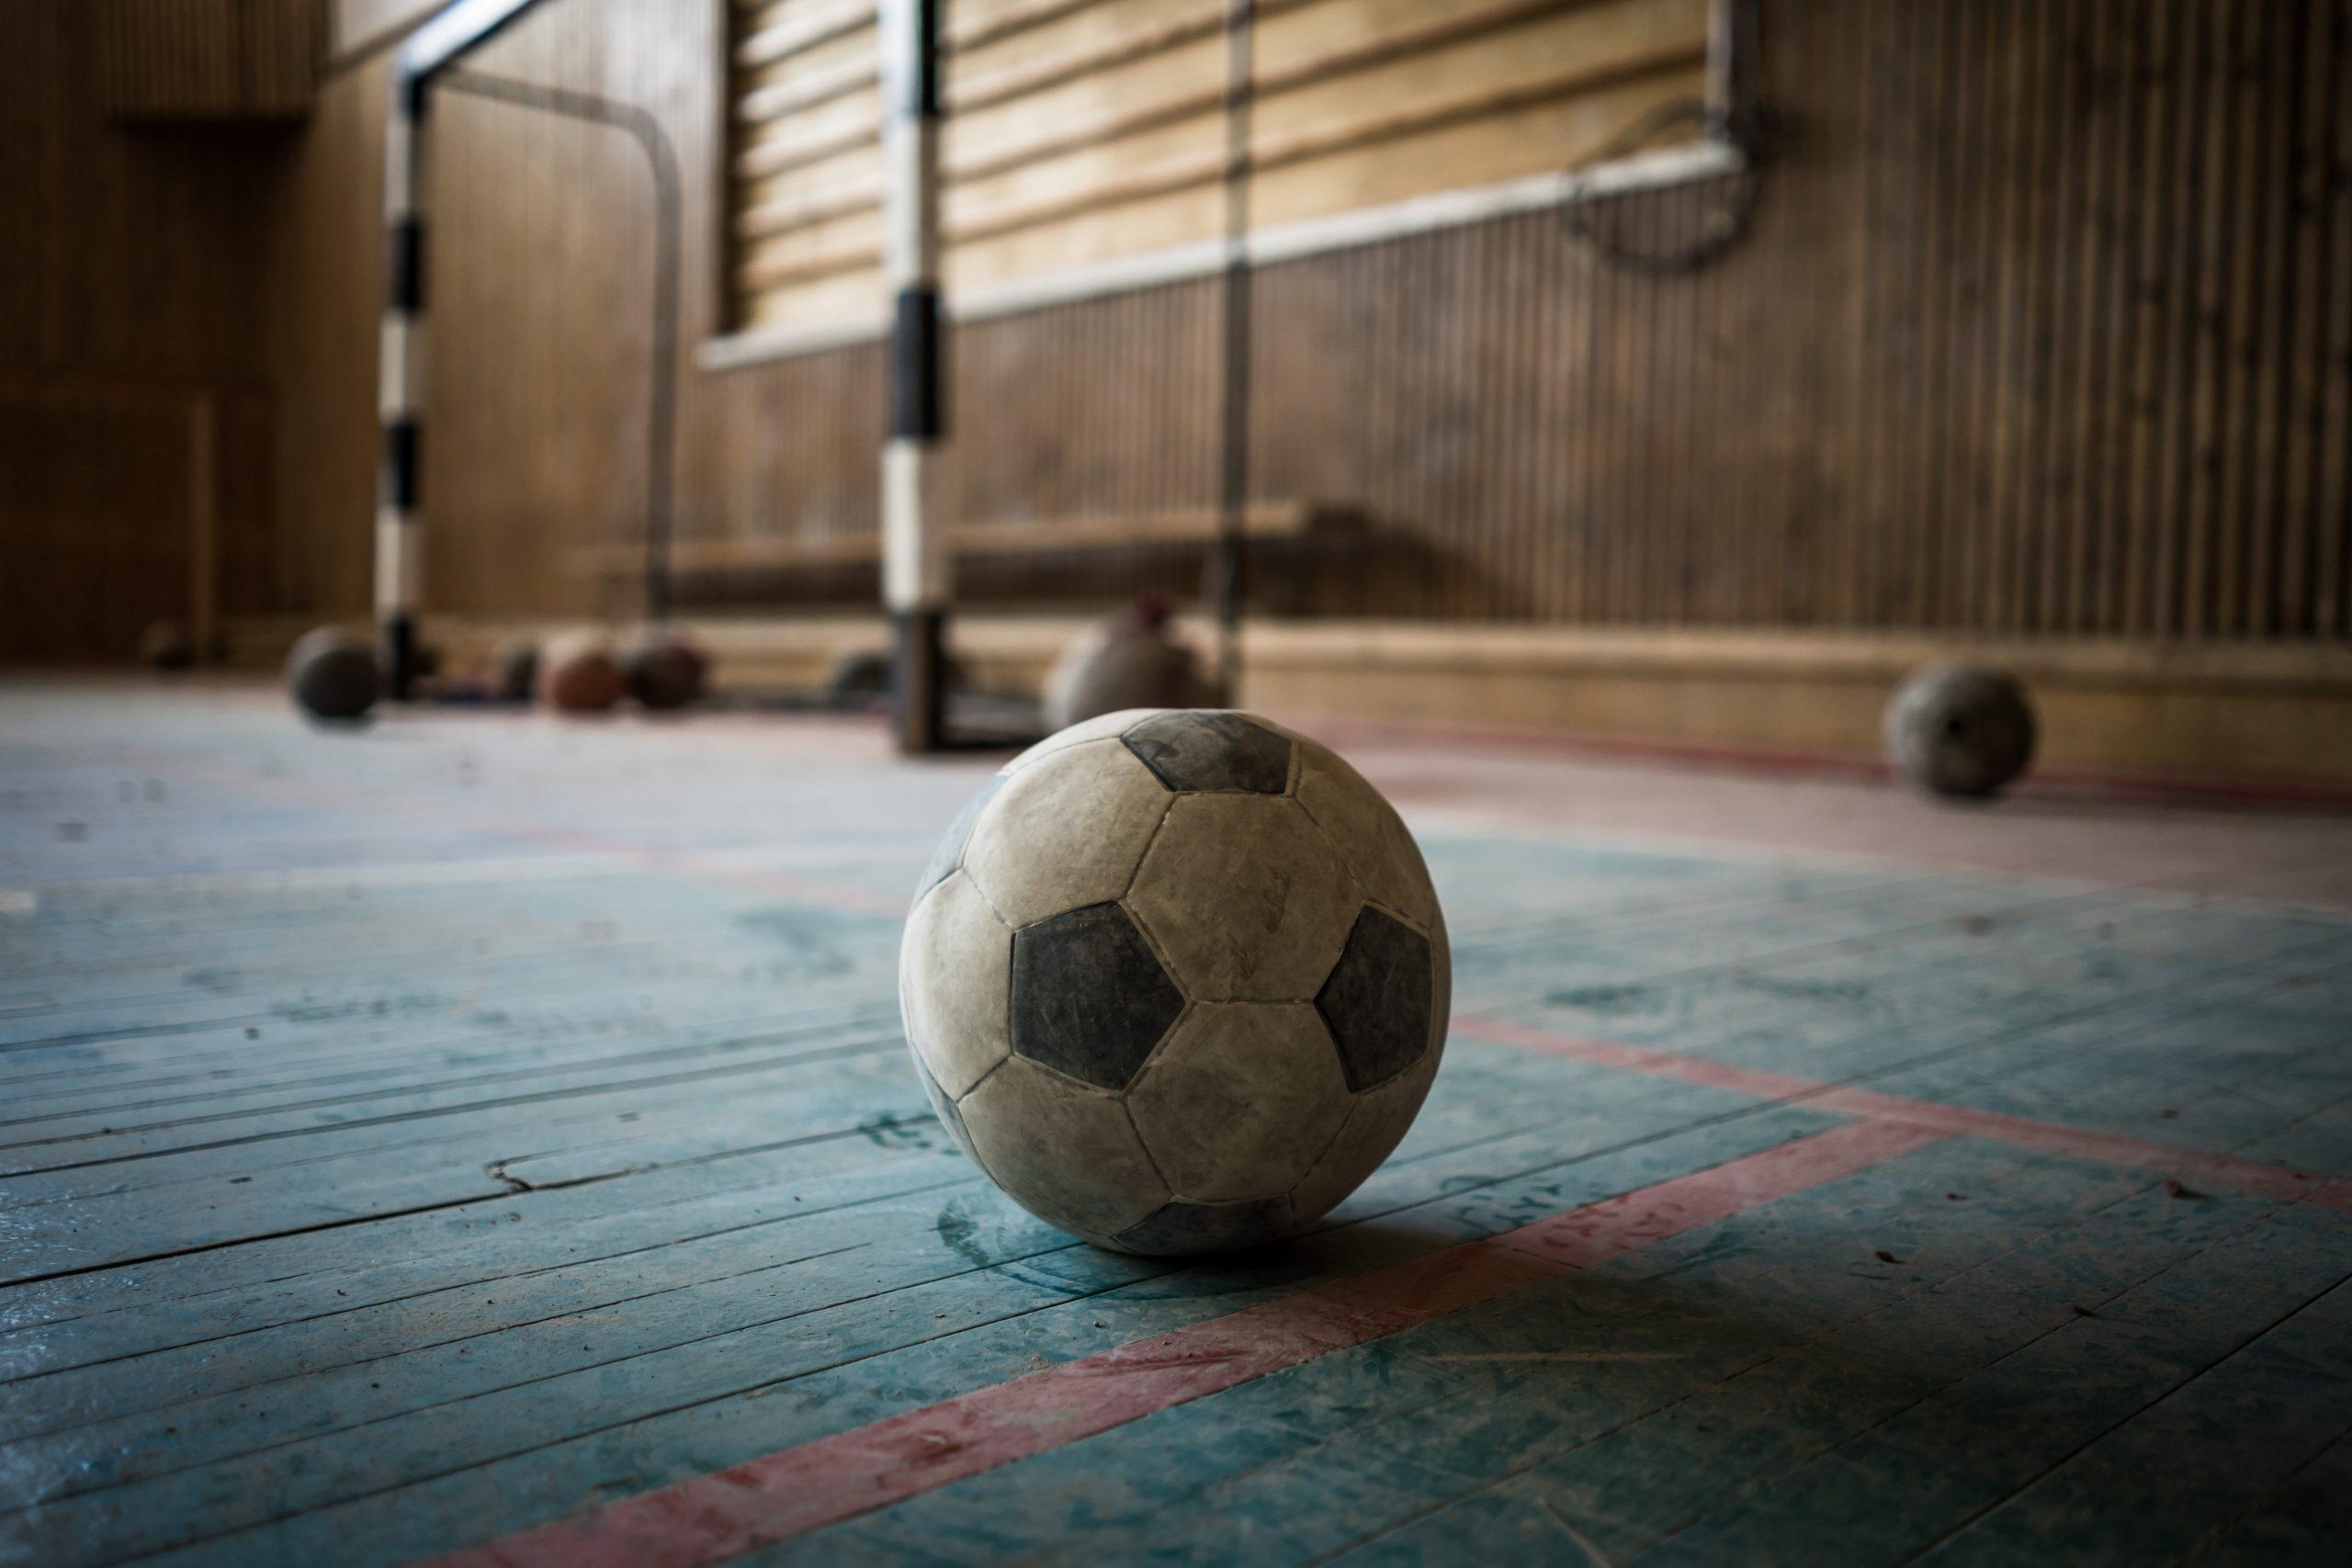 L'aide de la Wallonie aux communes pour les clubs sportifs: 40 euros à multiplier par le nombre d'affiliés